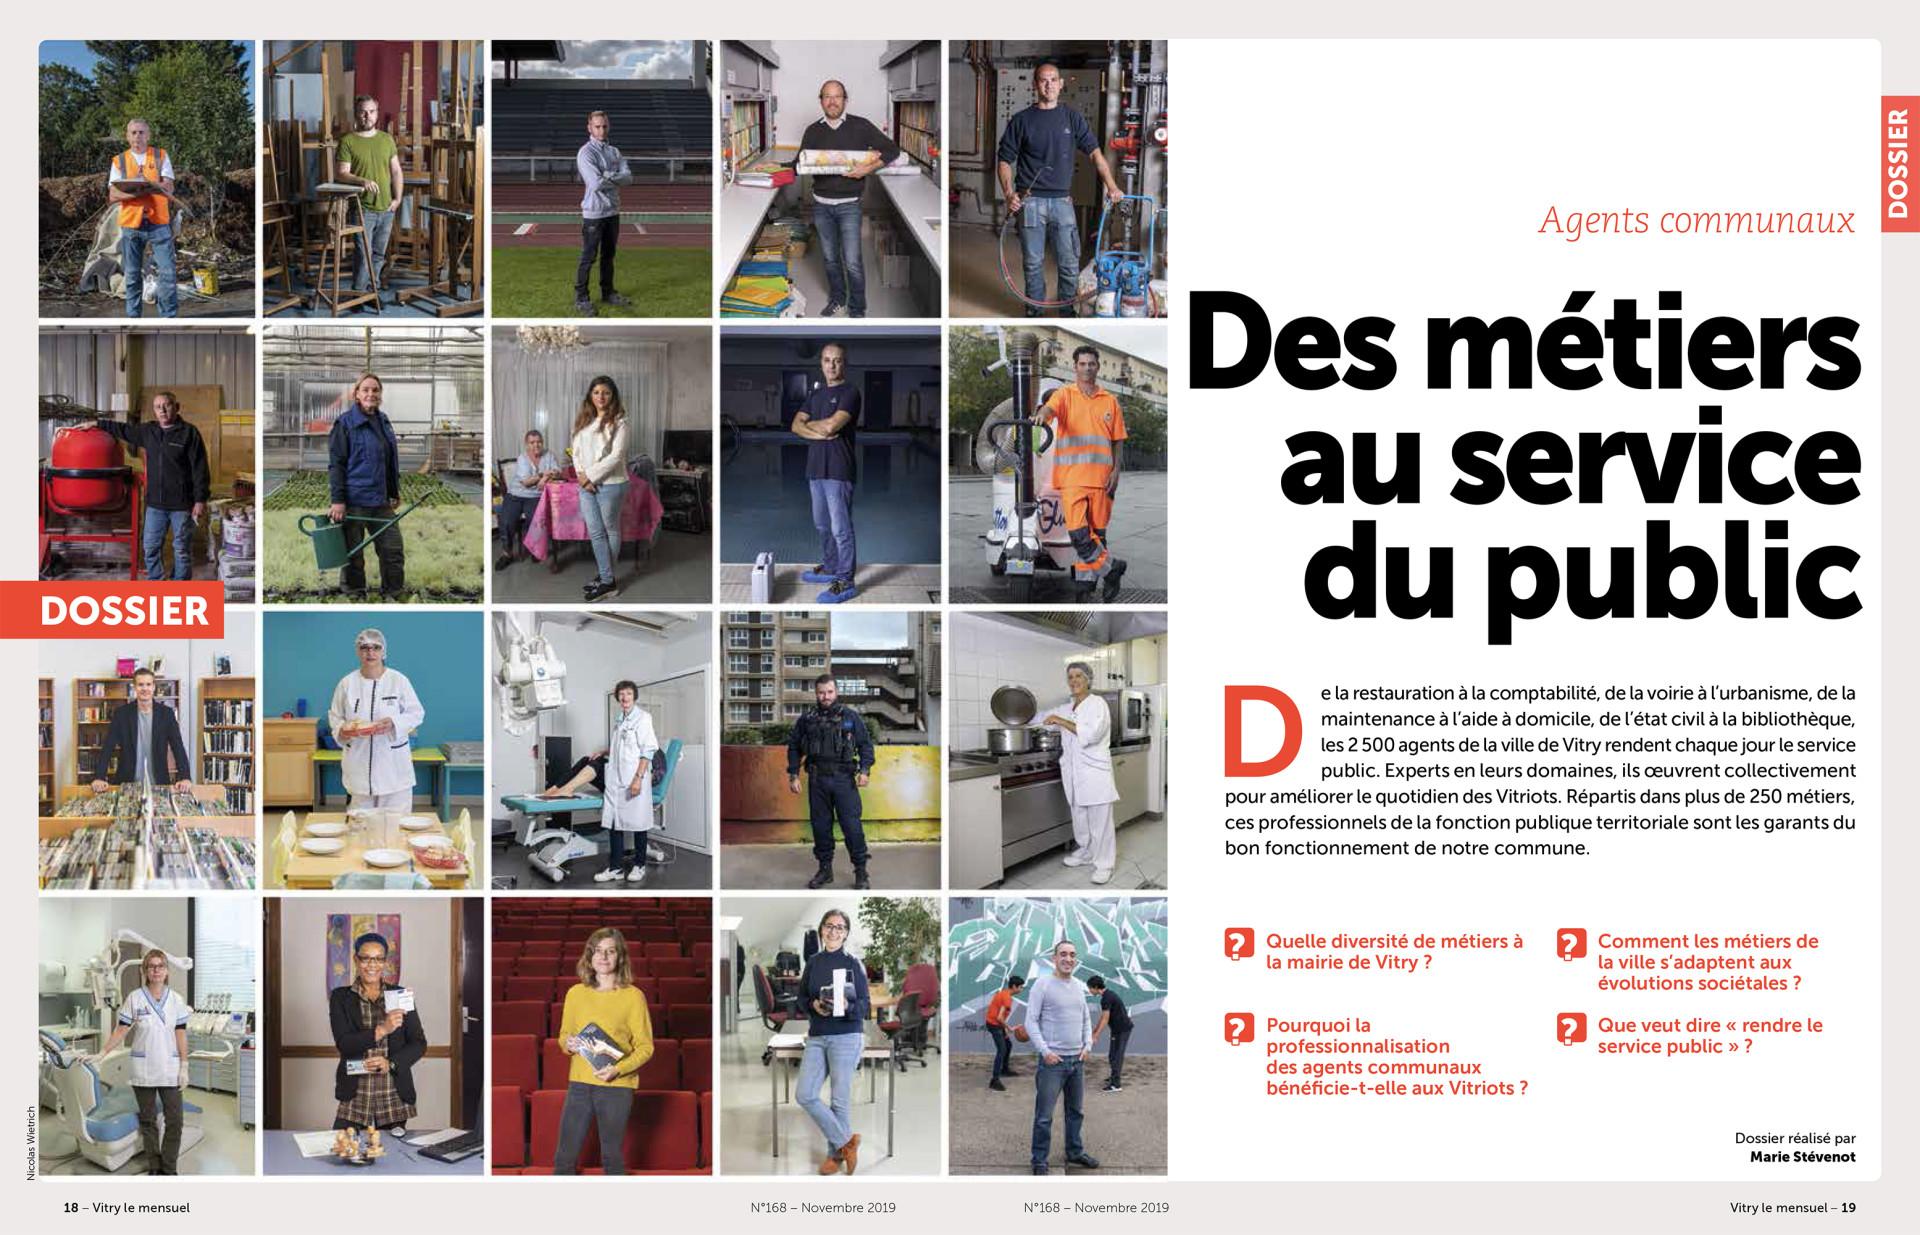 Parution dans Vitry Le Mensuel de novembre 2019 : Texte Marie Stévenot. Photos © Nicolas Wietrich (les 10 du haut) et © Sylvain Lefeuvre (les 10 du bas)